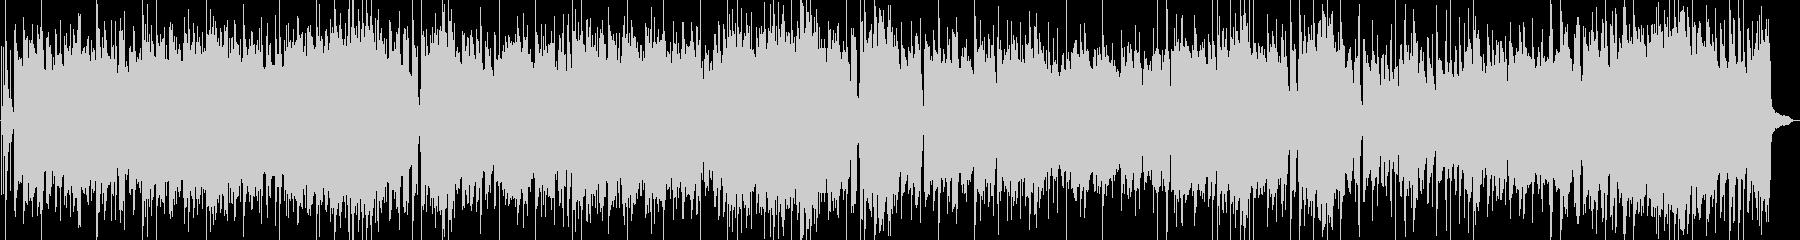 エレキギターのブルースロックロングVerの未再生の波形